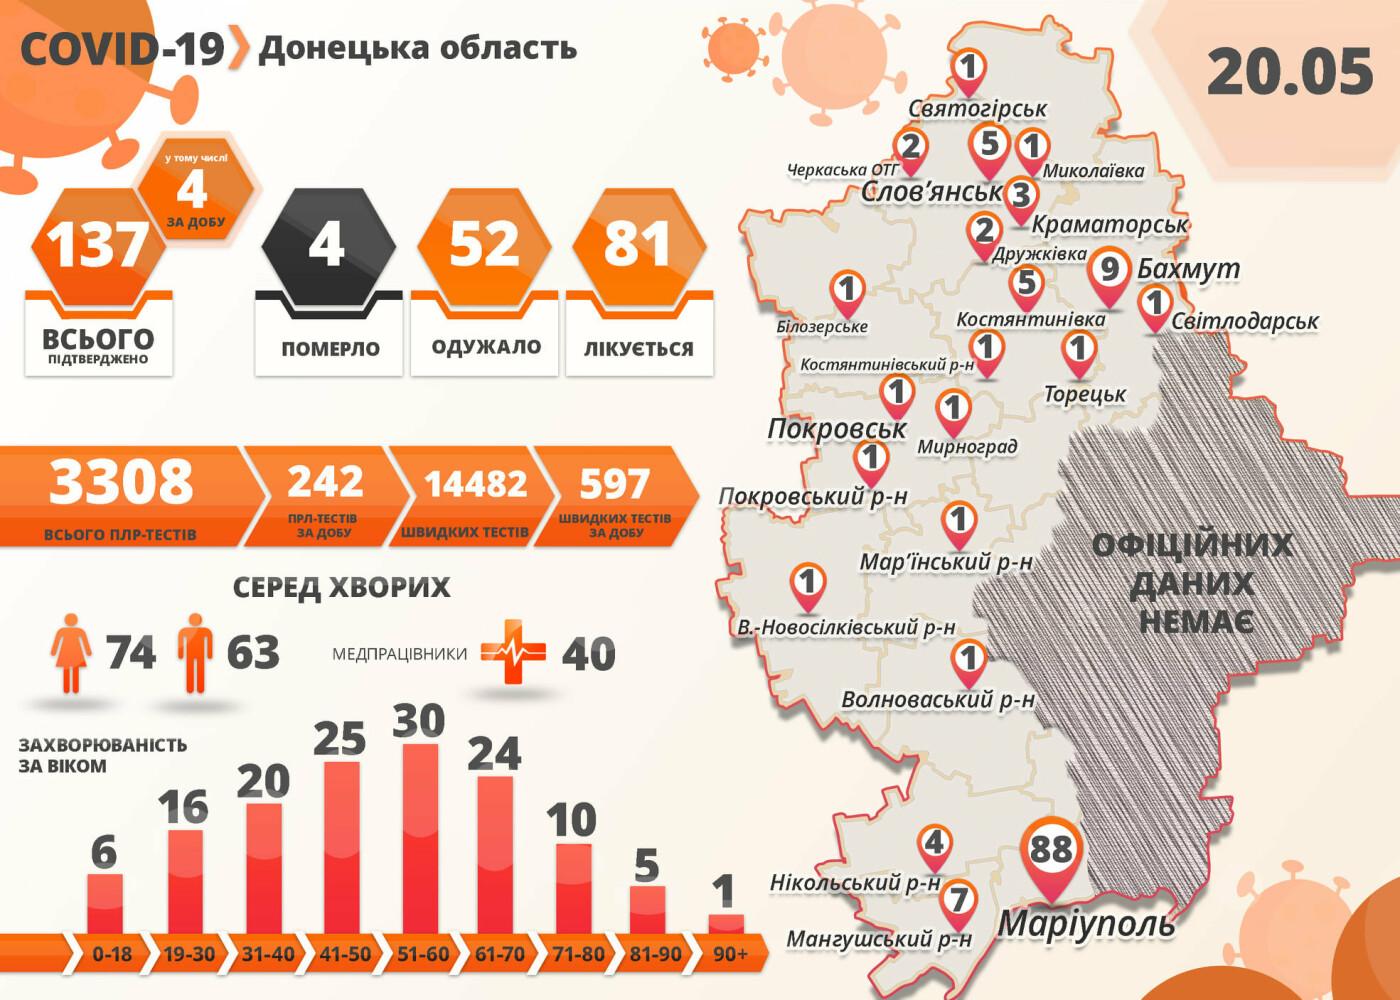 В Донецкой области количество подтвержденных случаев коронавируса выросло до 137, фото-1